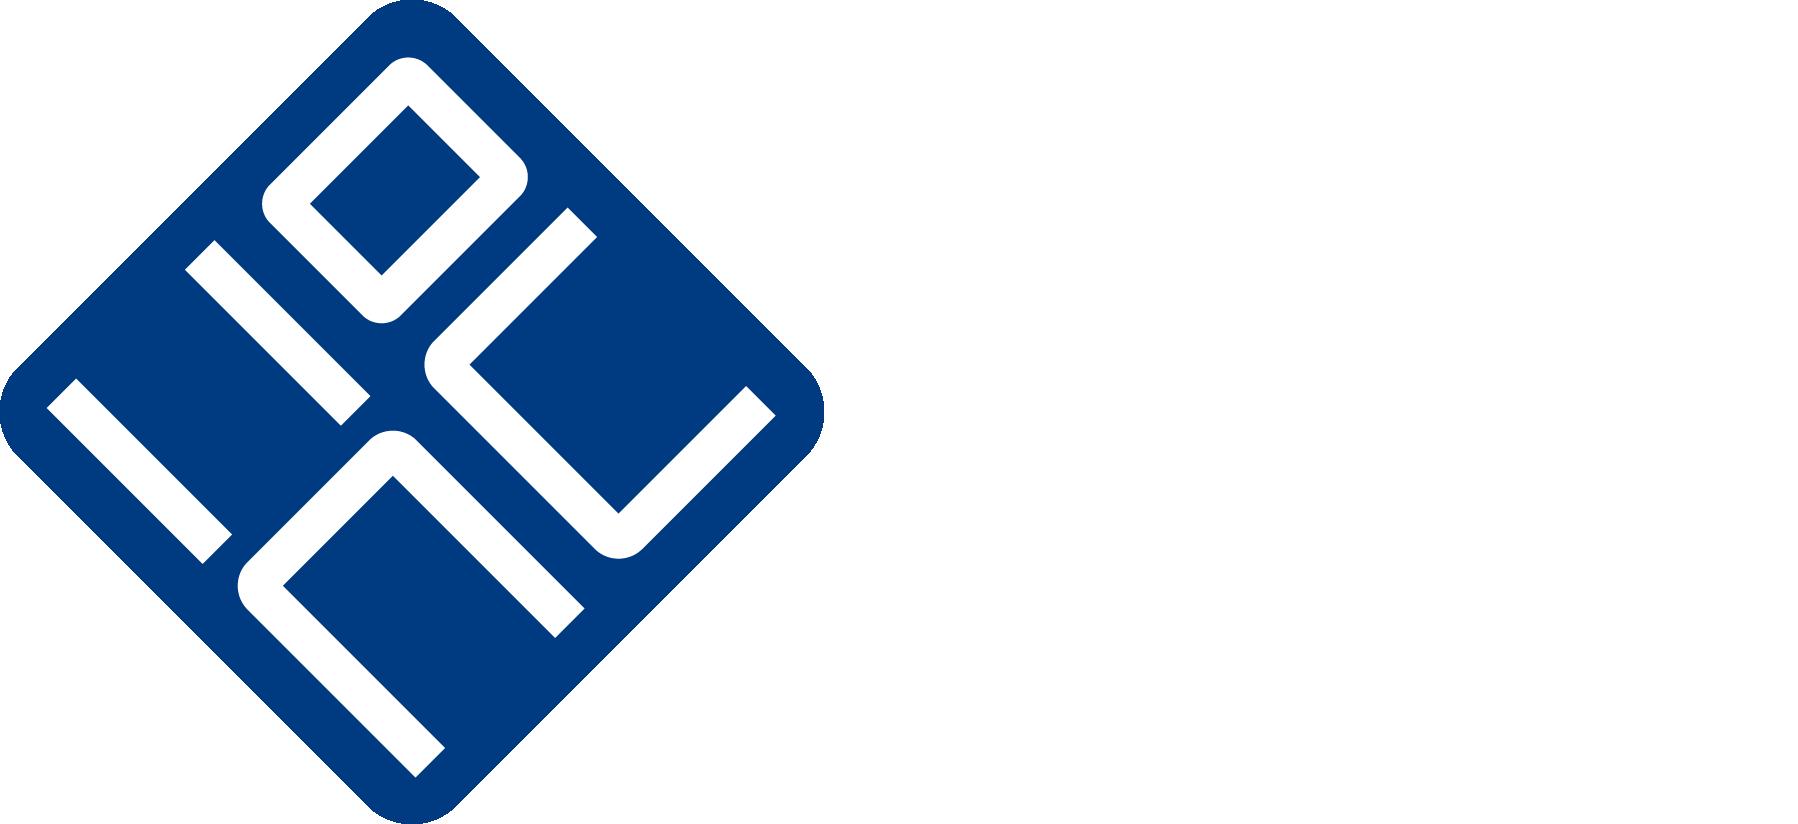 HOUSEOFCONTROL.COM